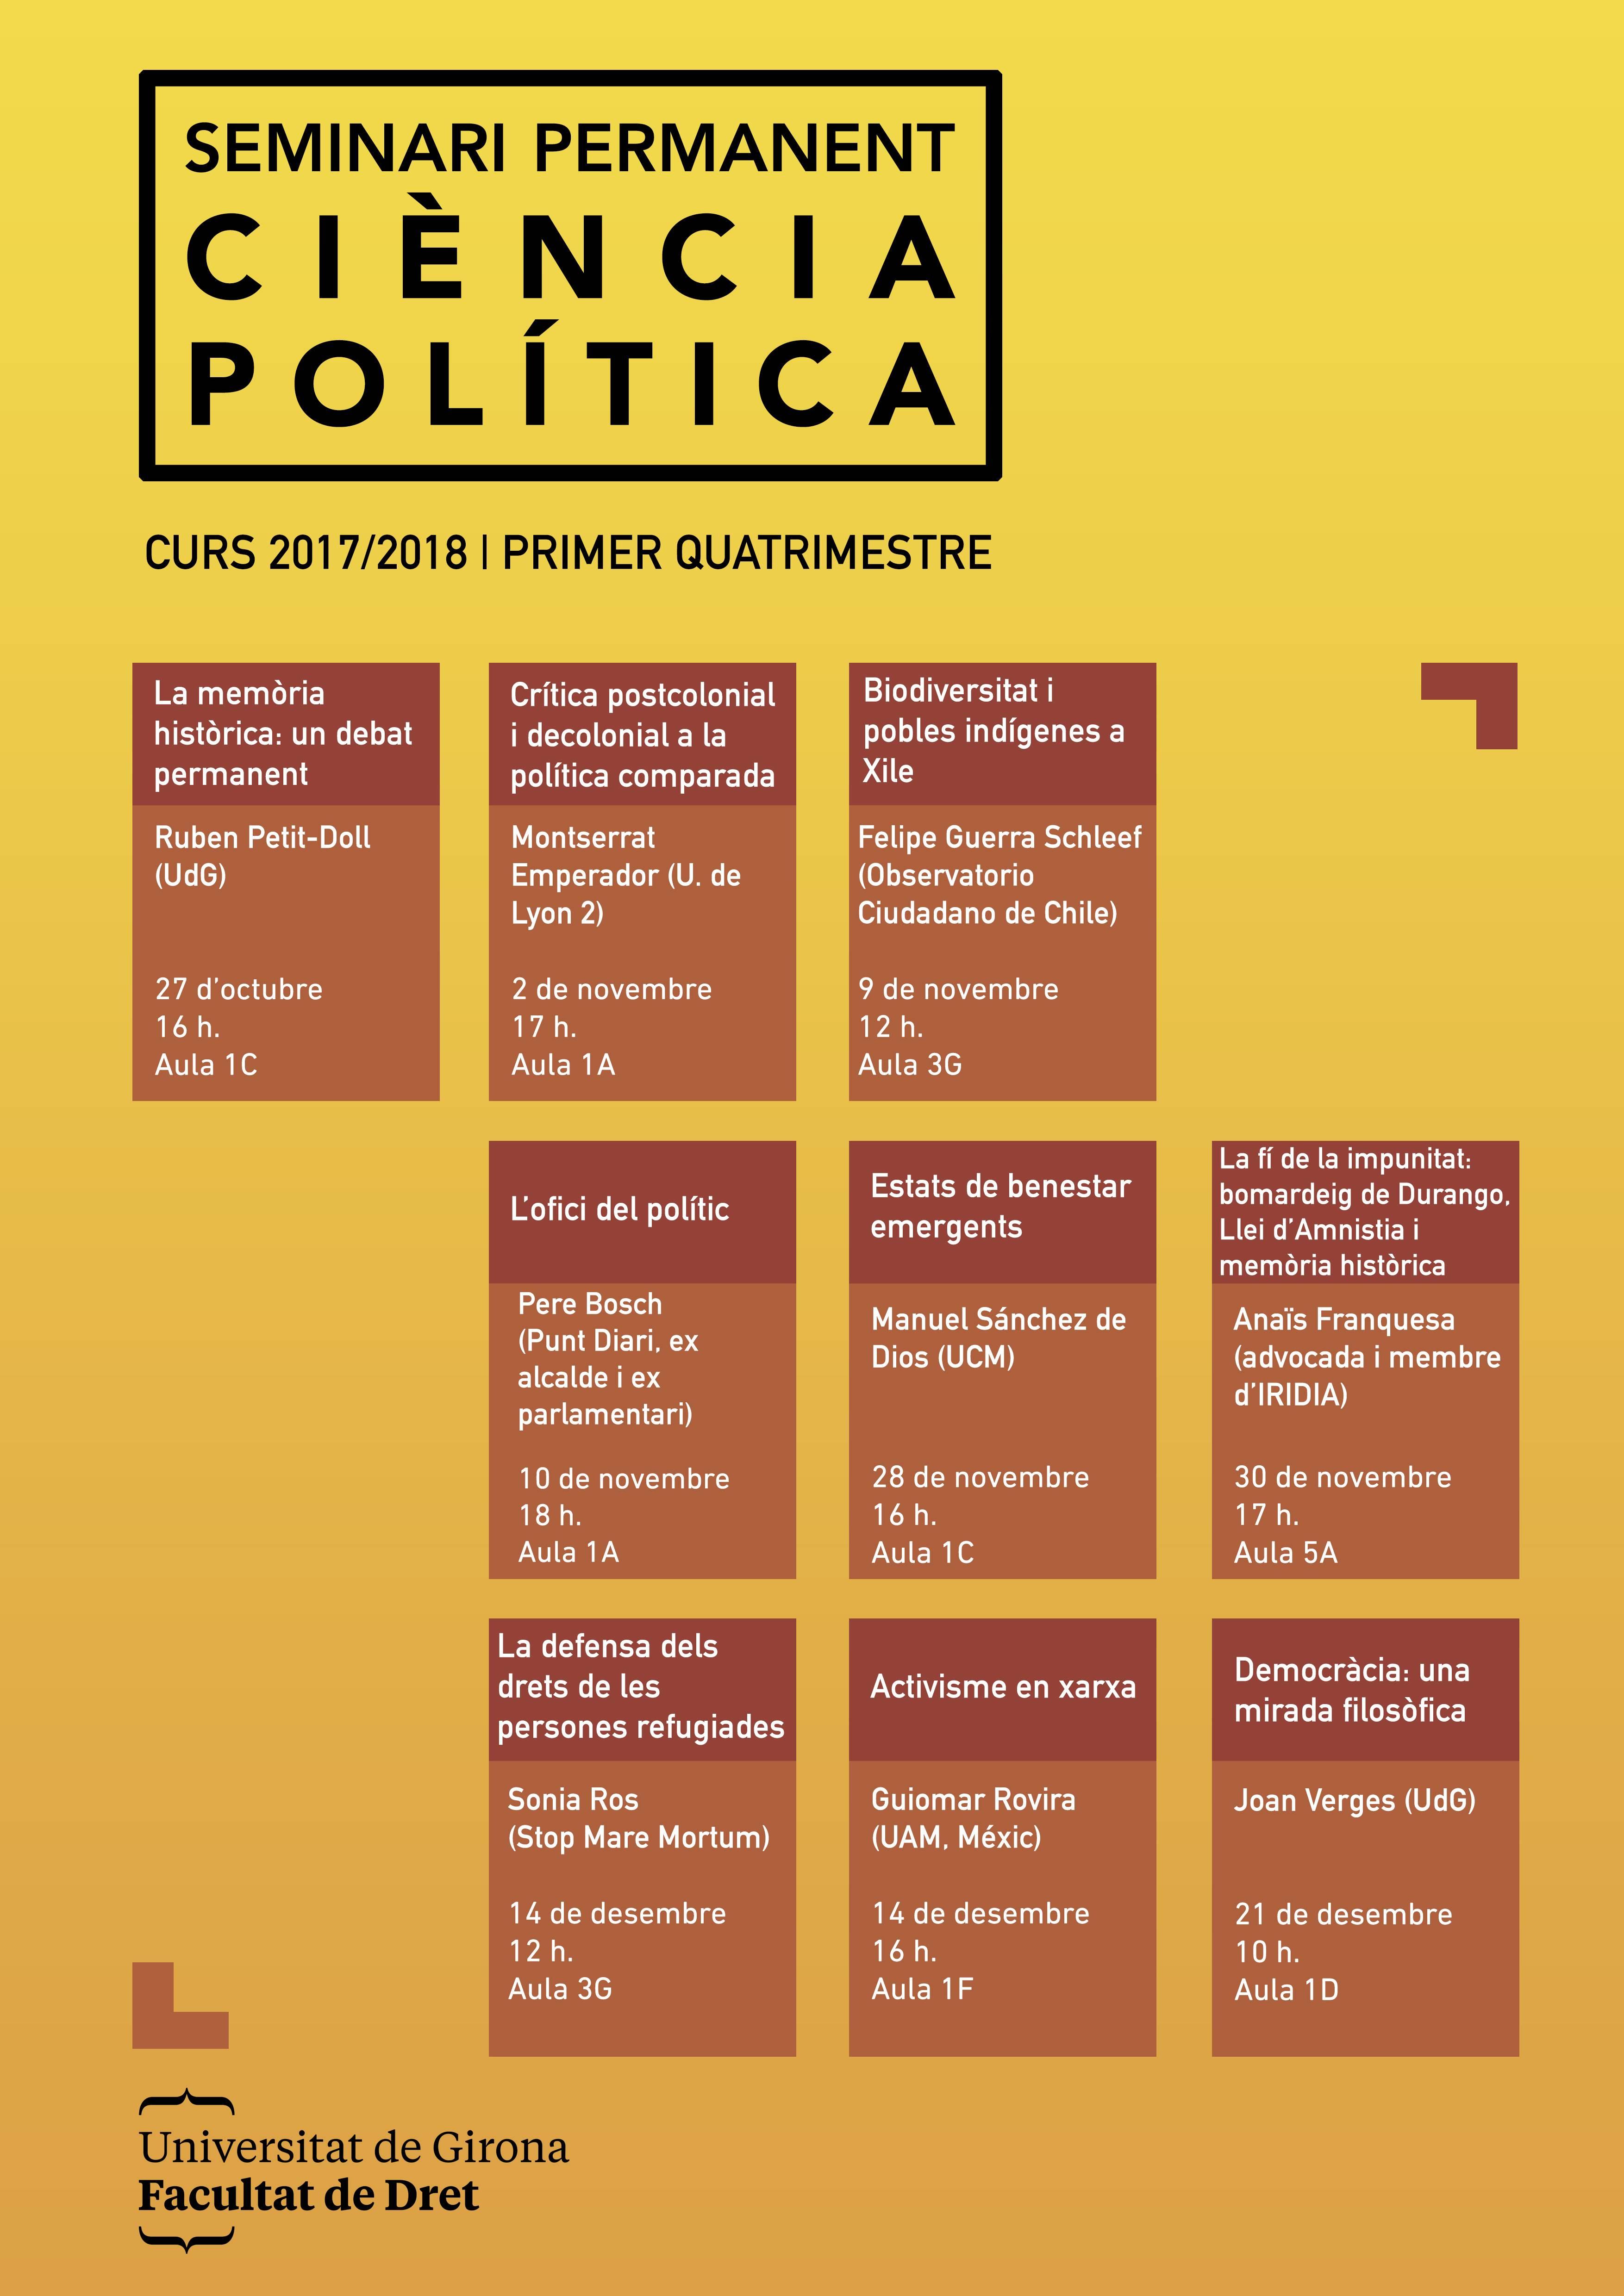 Seminari permanent - Ciència Política - Curs 2017/2018, primer quatrimestre